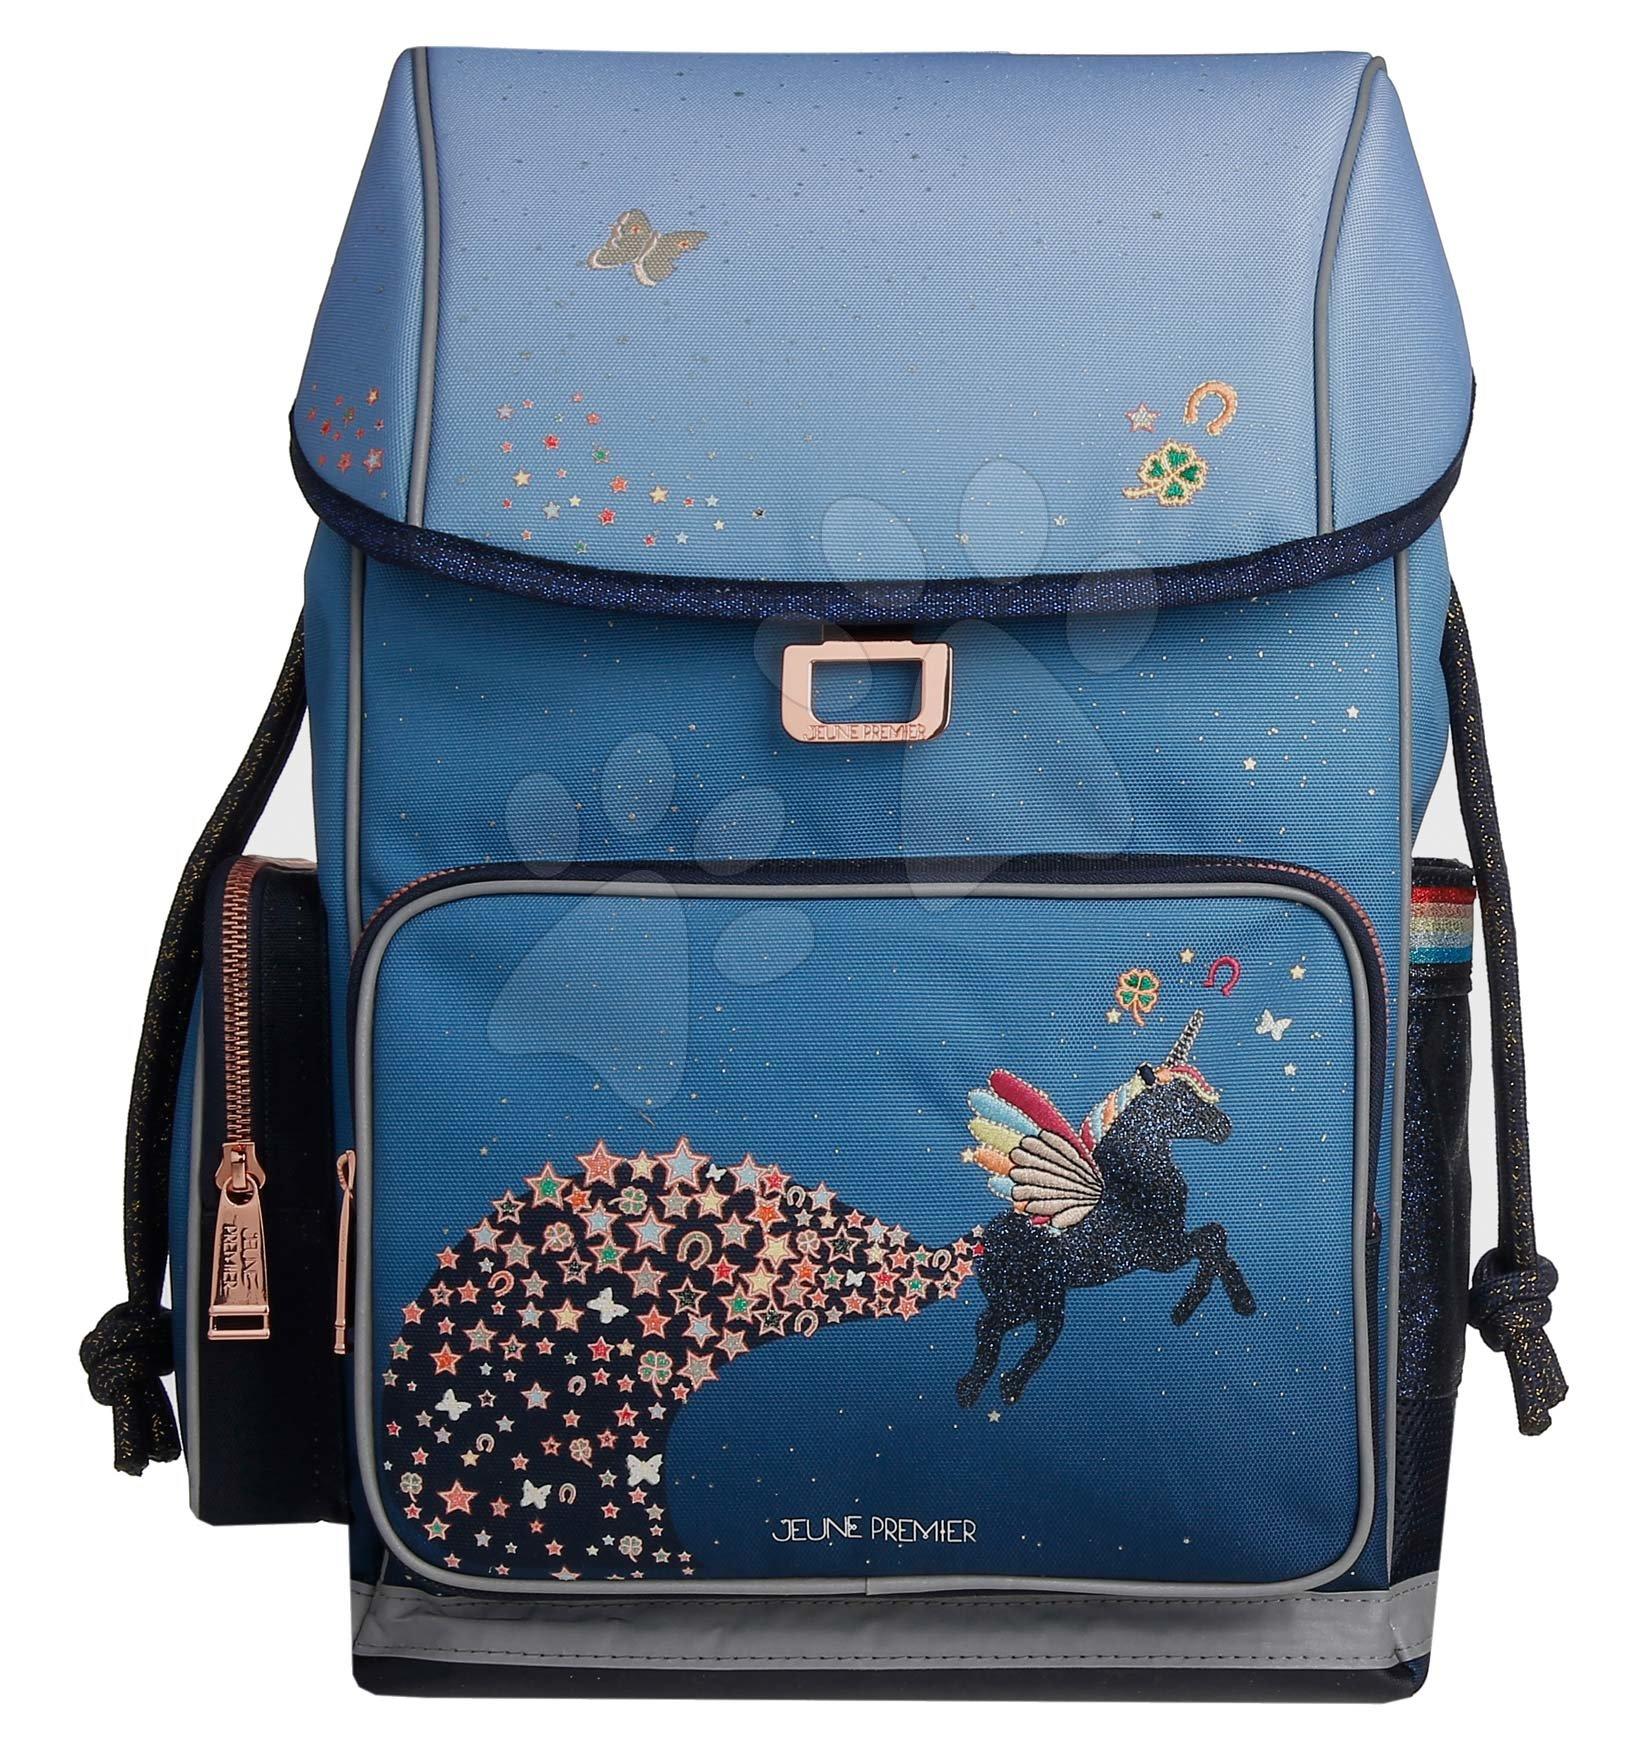 Školske torbe i ruksaci - Školský batoh veľký Ergomaxx Unicorn Universe Jeune Premier ergonomický luxusné prevedenie 39*26 cm JPERX21176